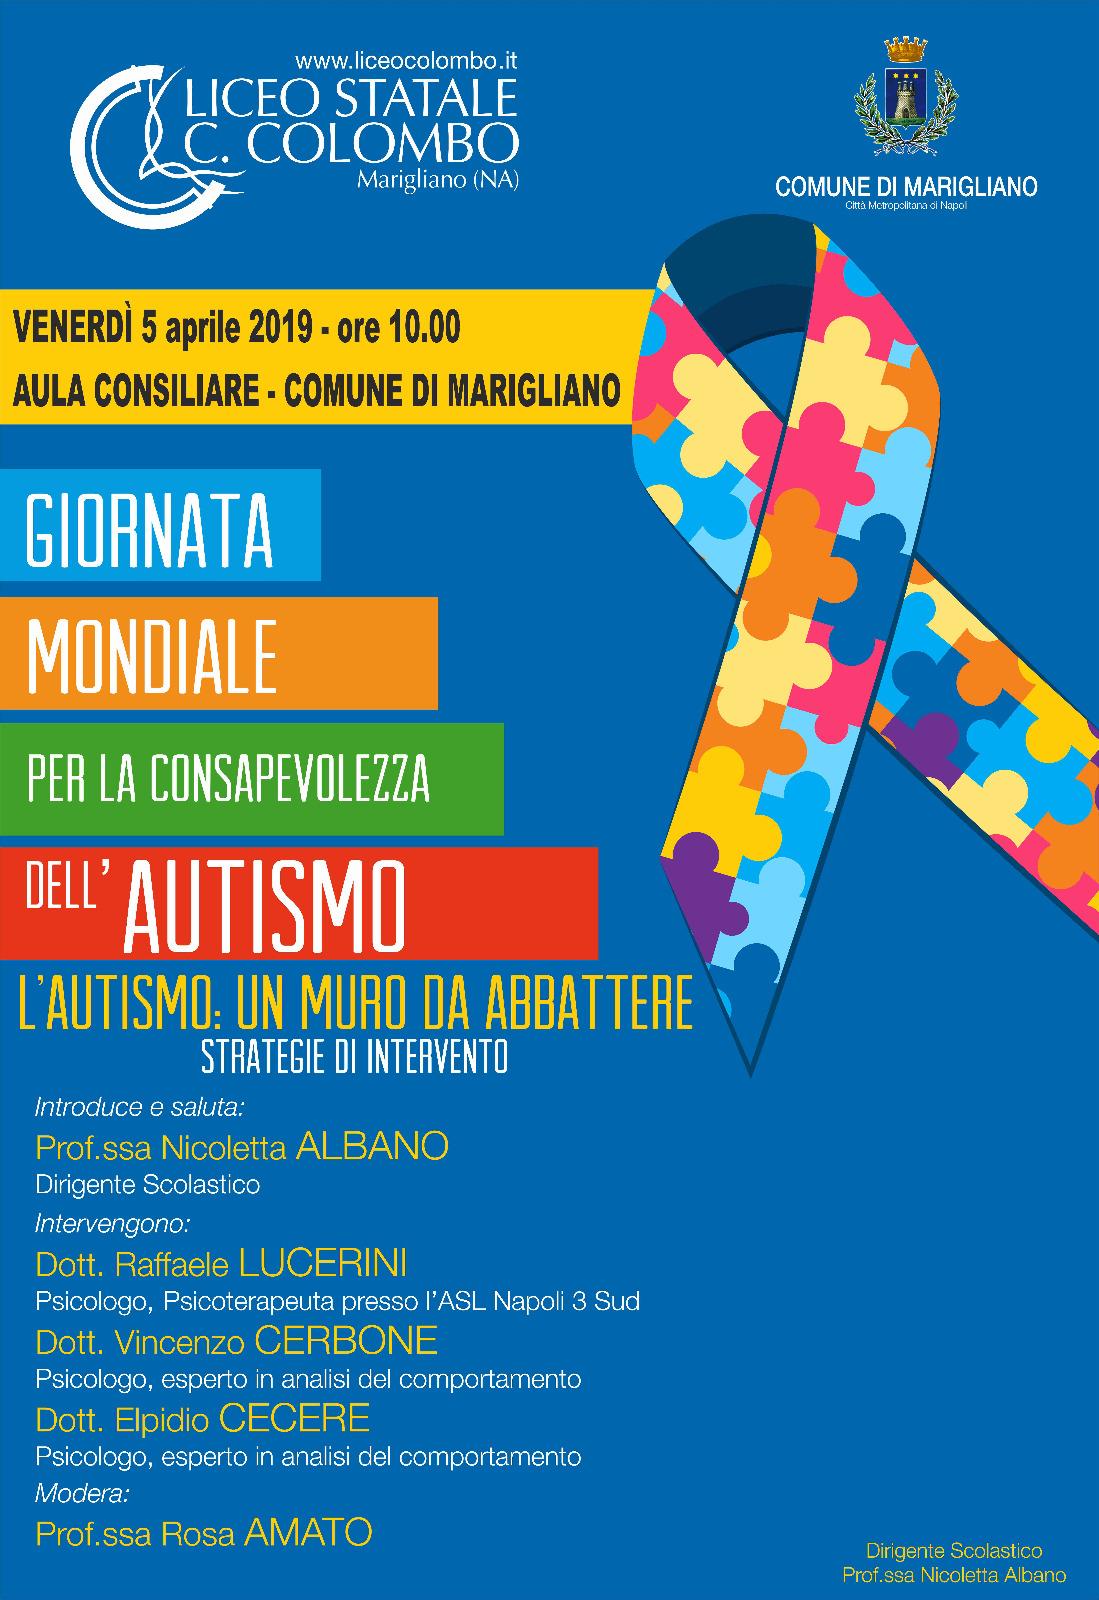 Come Abbattere Un Muro l'autismo: un muro da abbattere - www.liceocolombo.edu.it